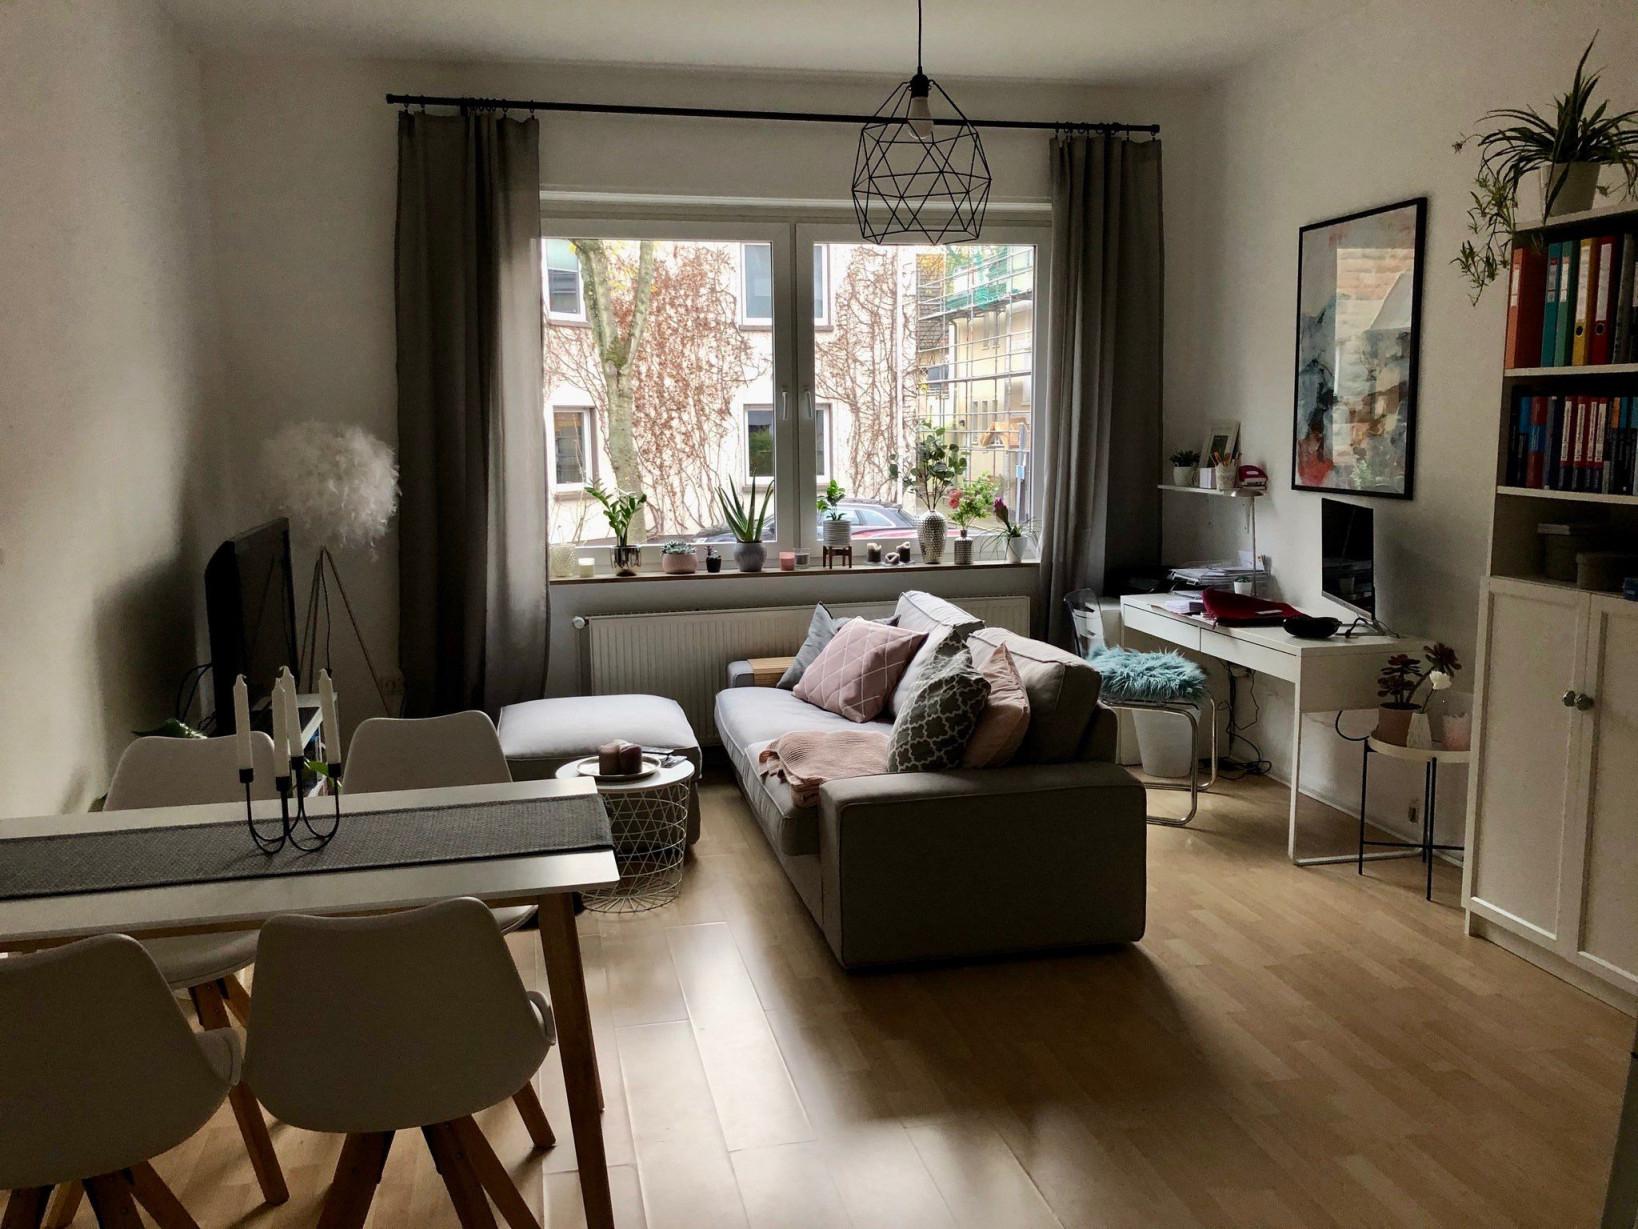 Schönes Wohn Und Esszimmer  Wohnung Innenarchitektur von Wohnzimmer Mit Esstisch Einrichten Photo